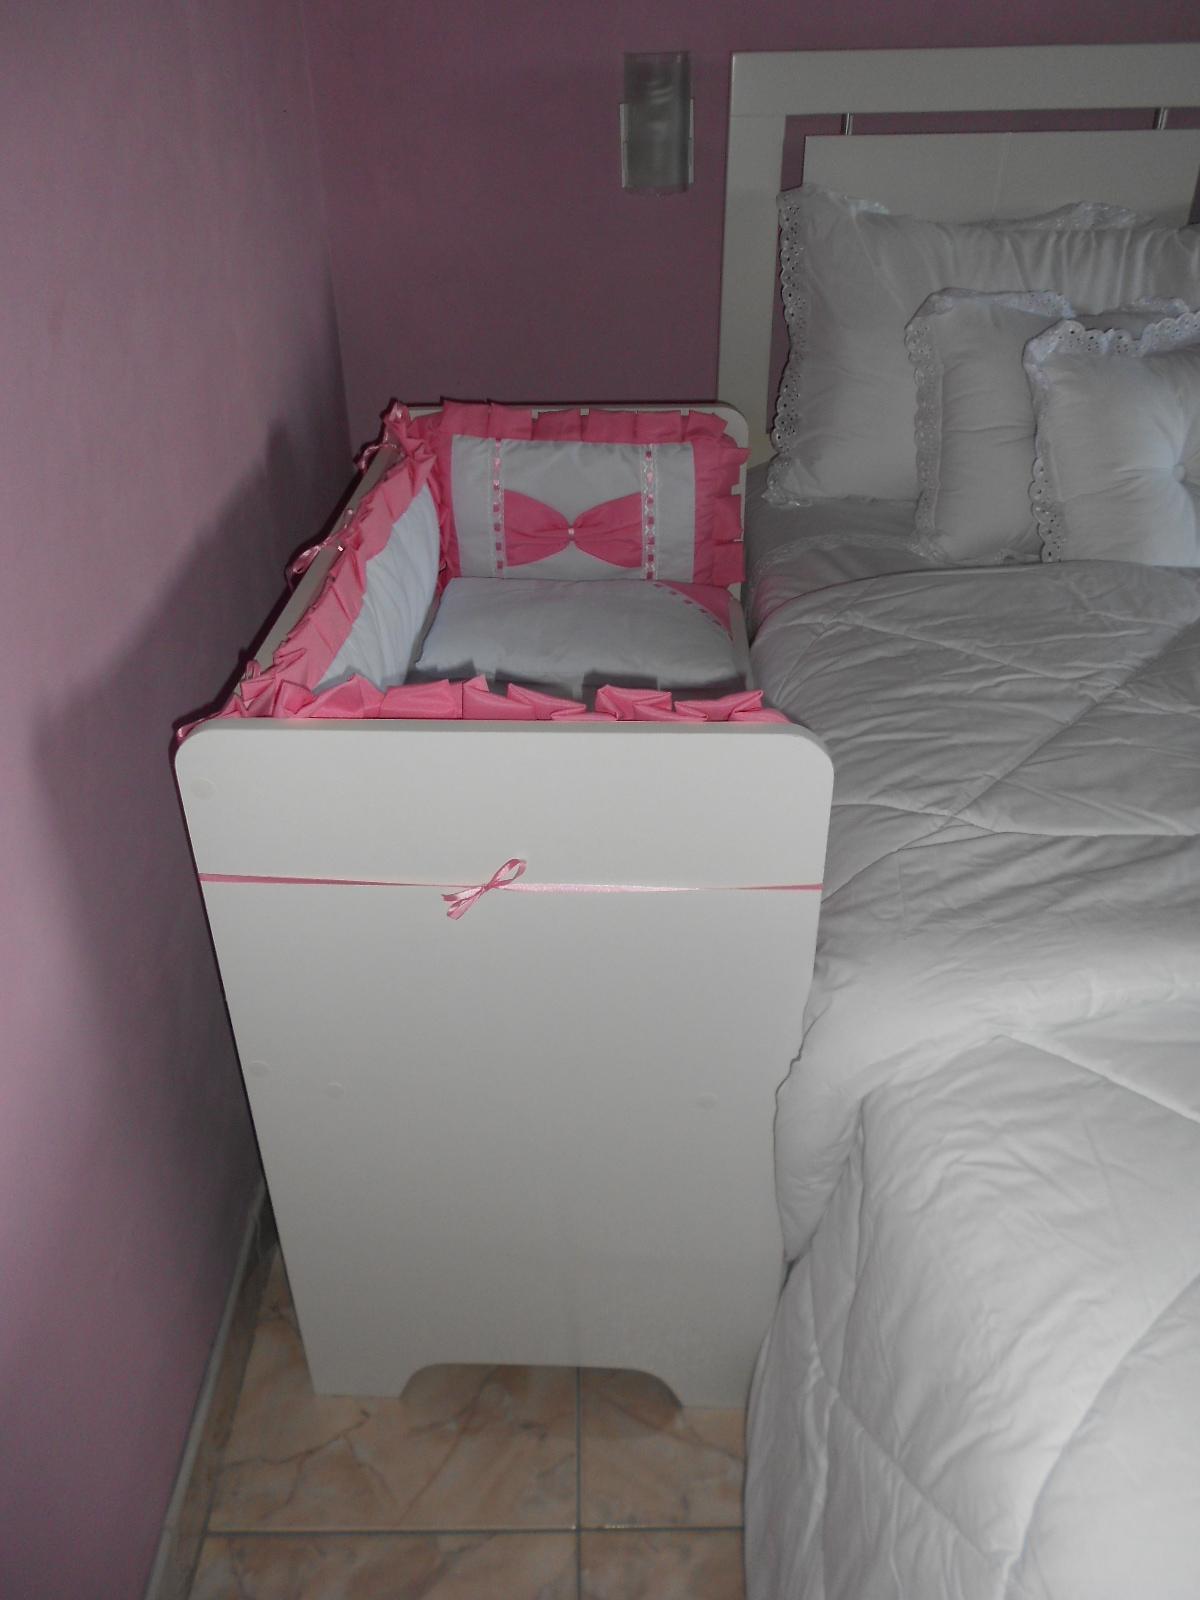 Mini ber o mois s lateral de cama adriana da silva elo7 - Camas para bebe ...